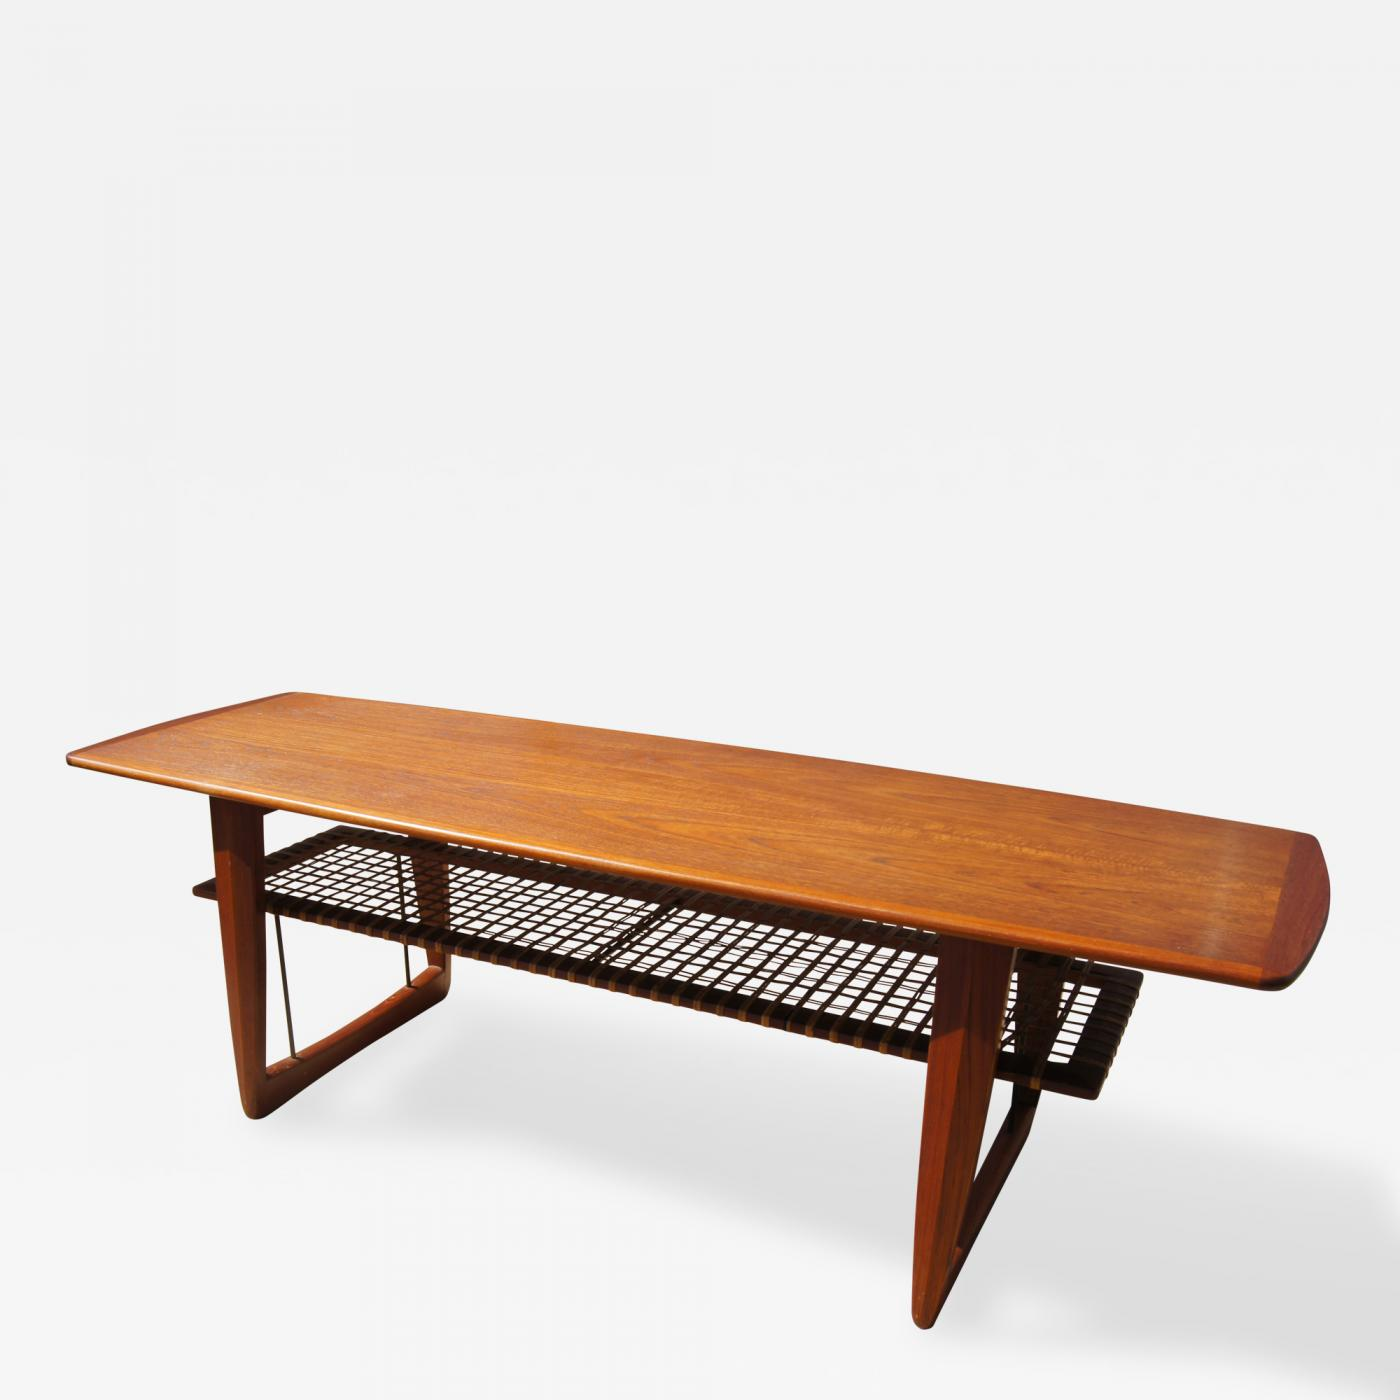 Danish Modern Coffee Table In The Style Of Peter Hvidt Orla M Lgaard Nielsen